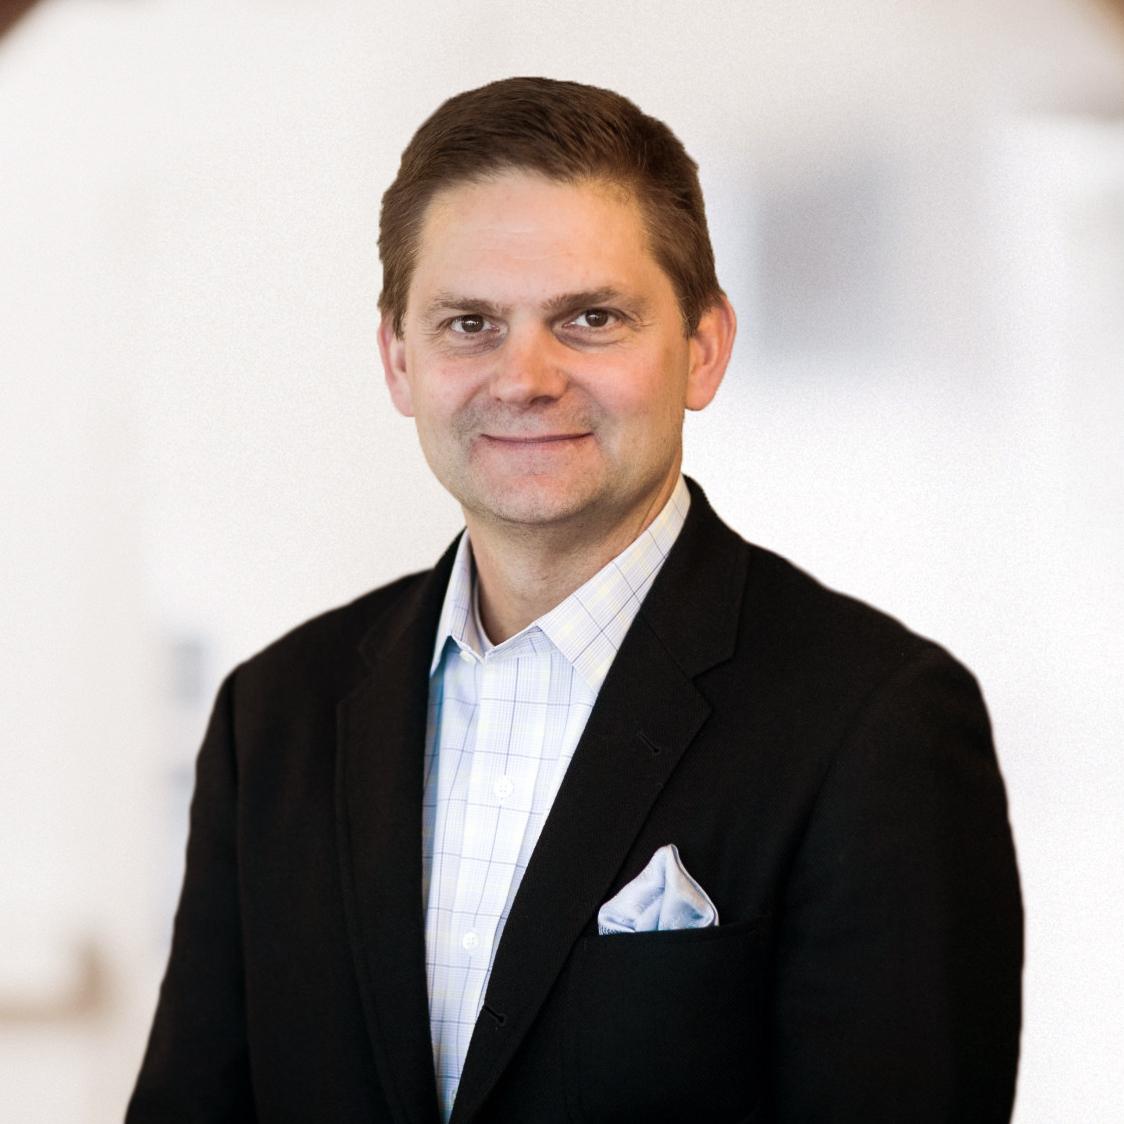 Todd Dunlap - Board Member